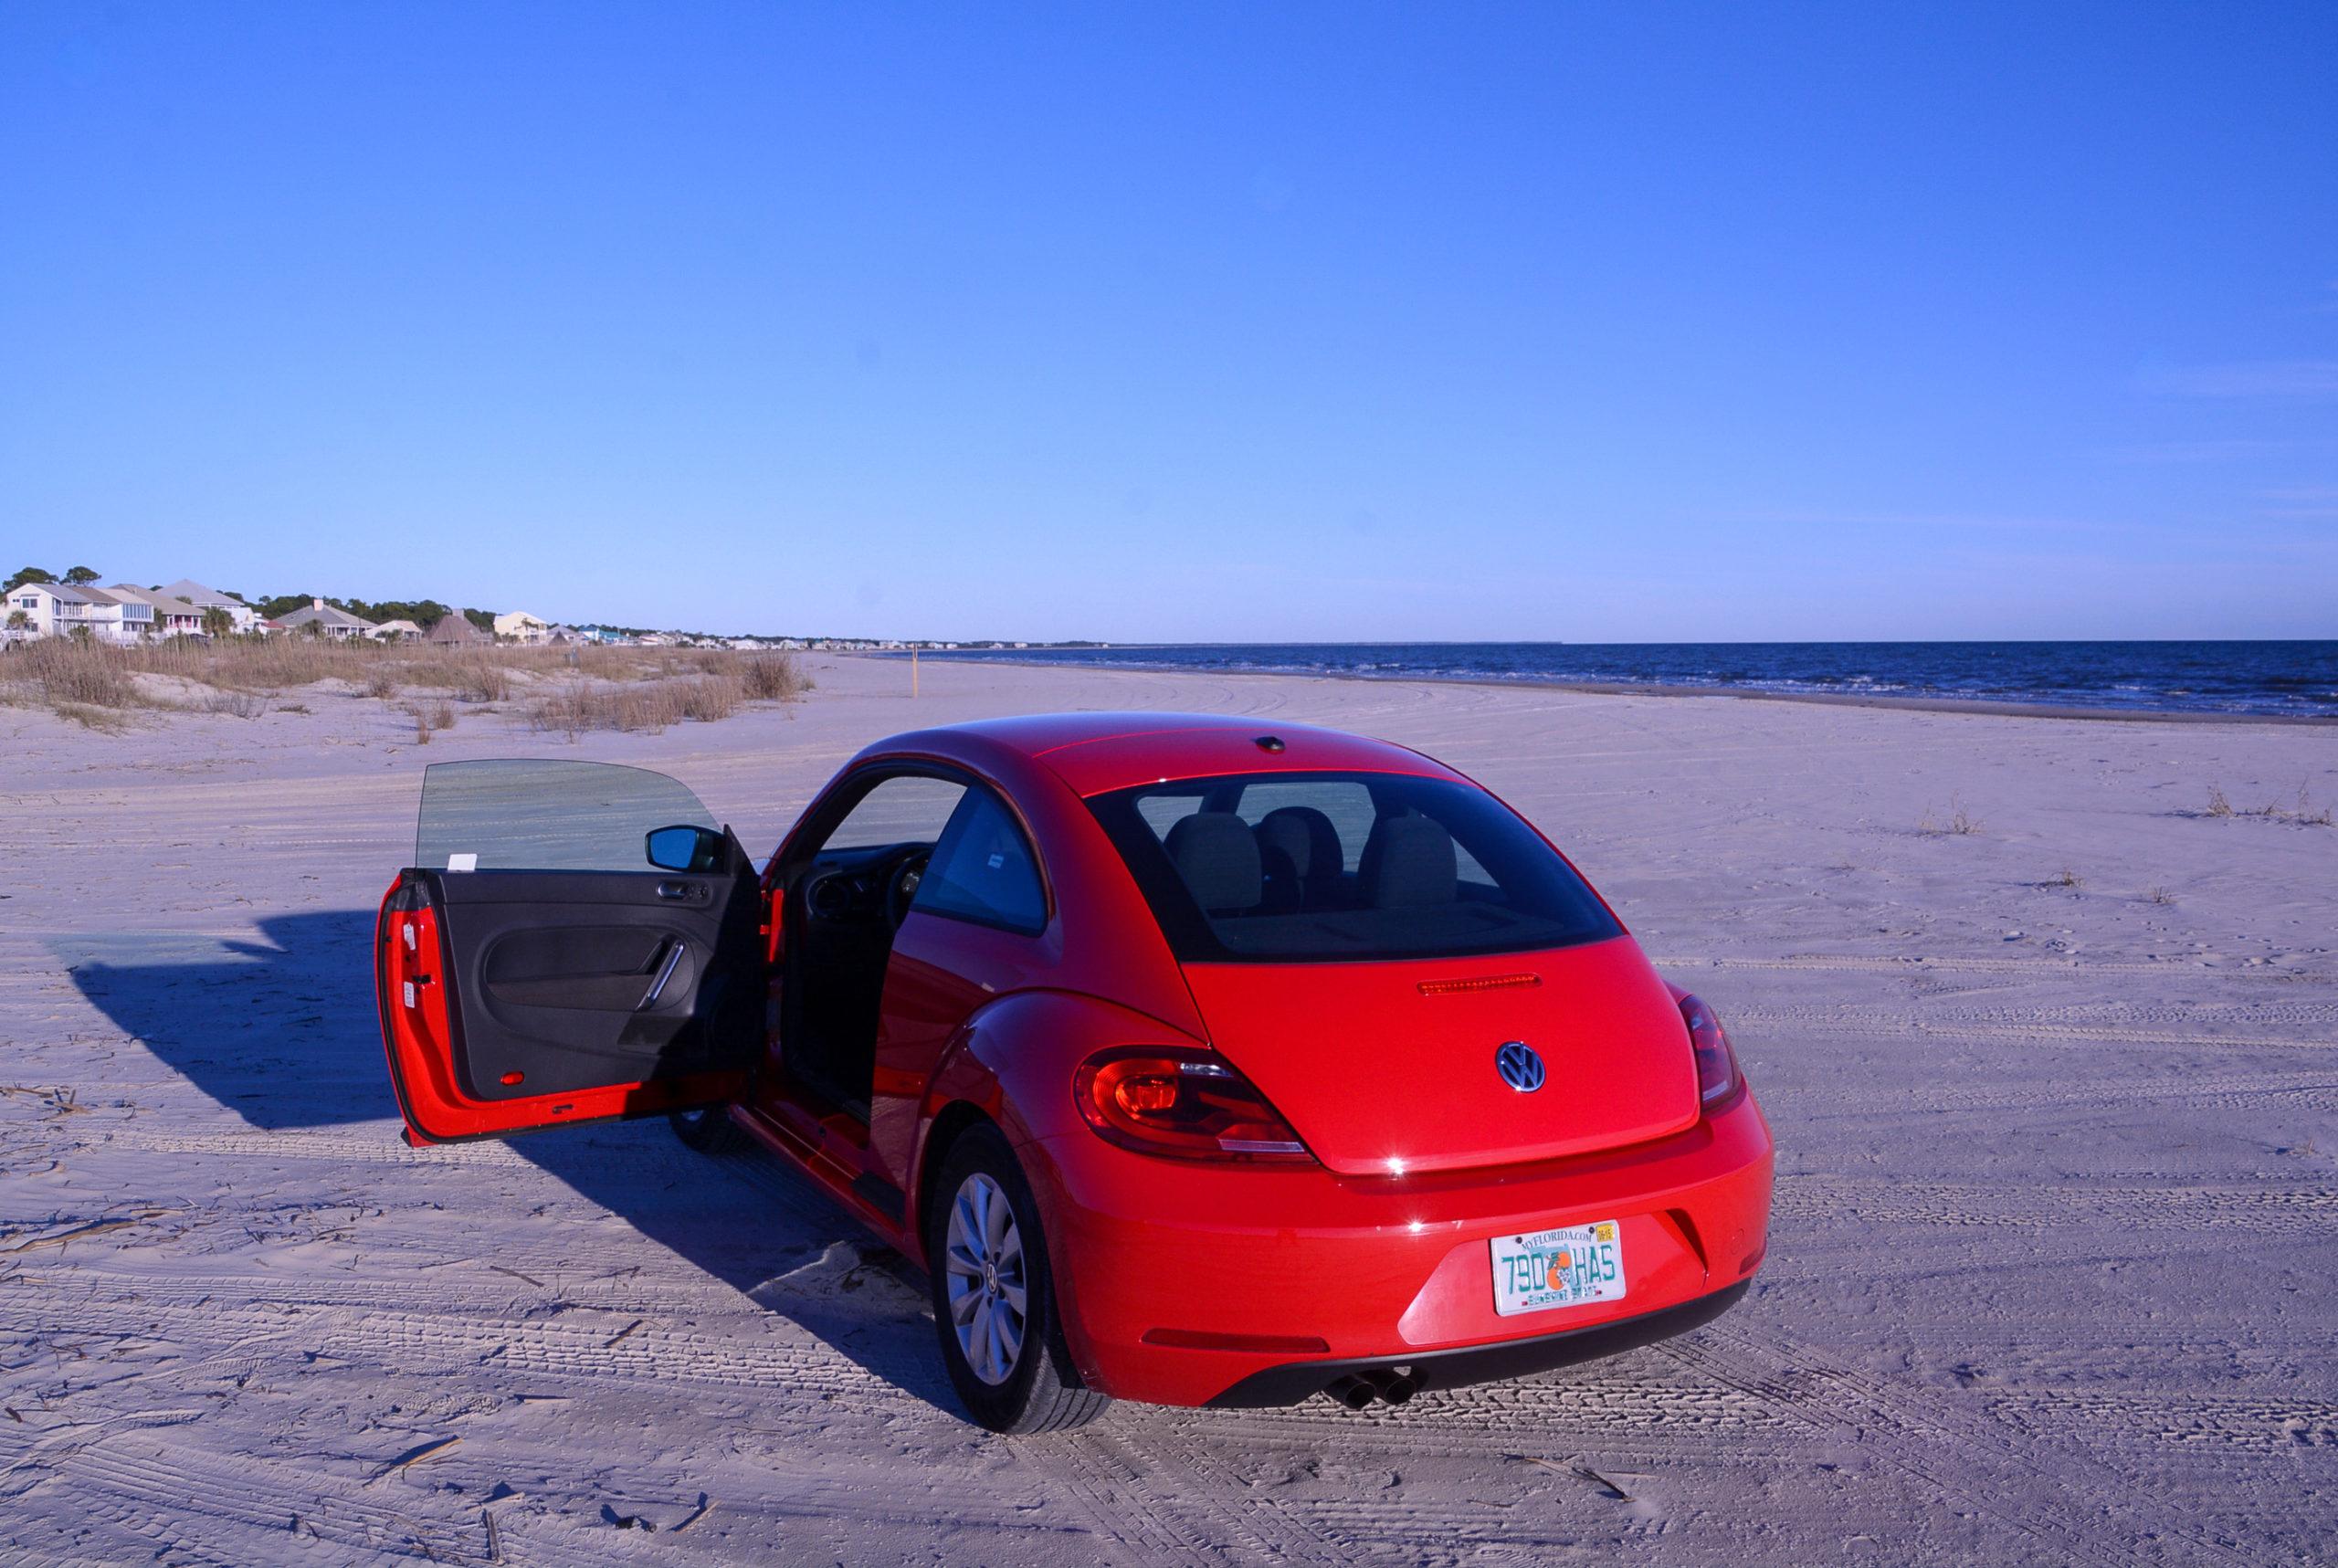 VW Beetle auf dem Strand von Carabell an der Forgotten Coast bei Apalachicola